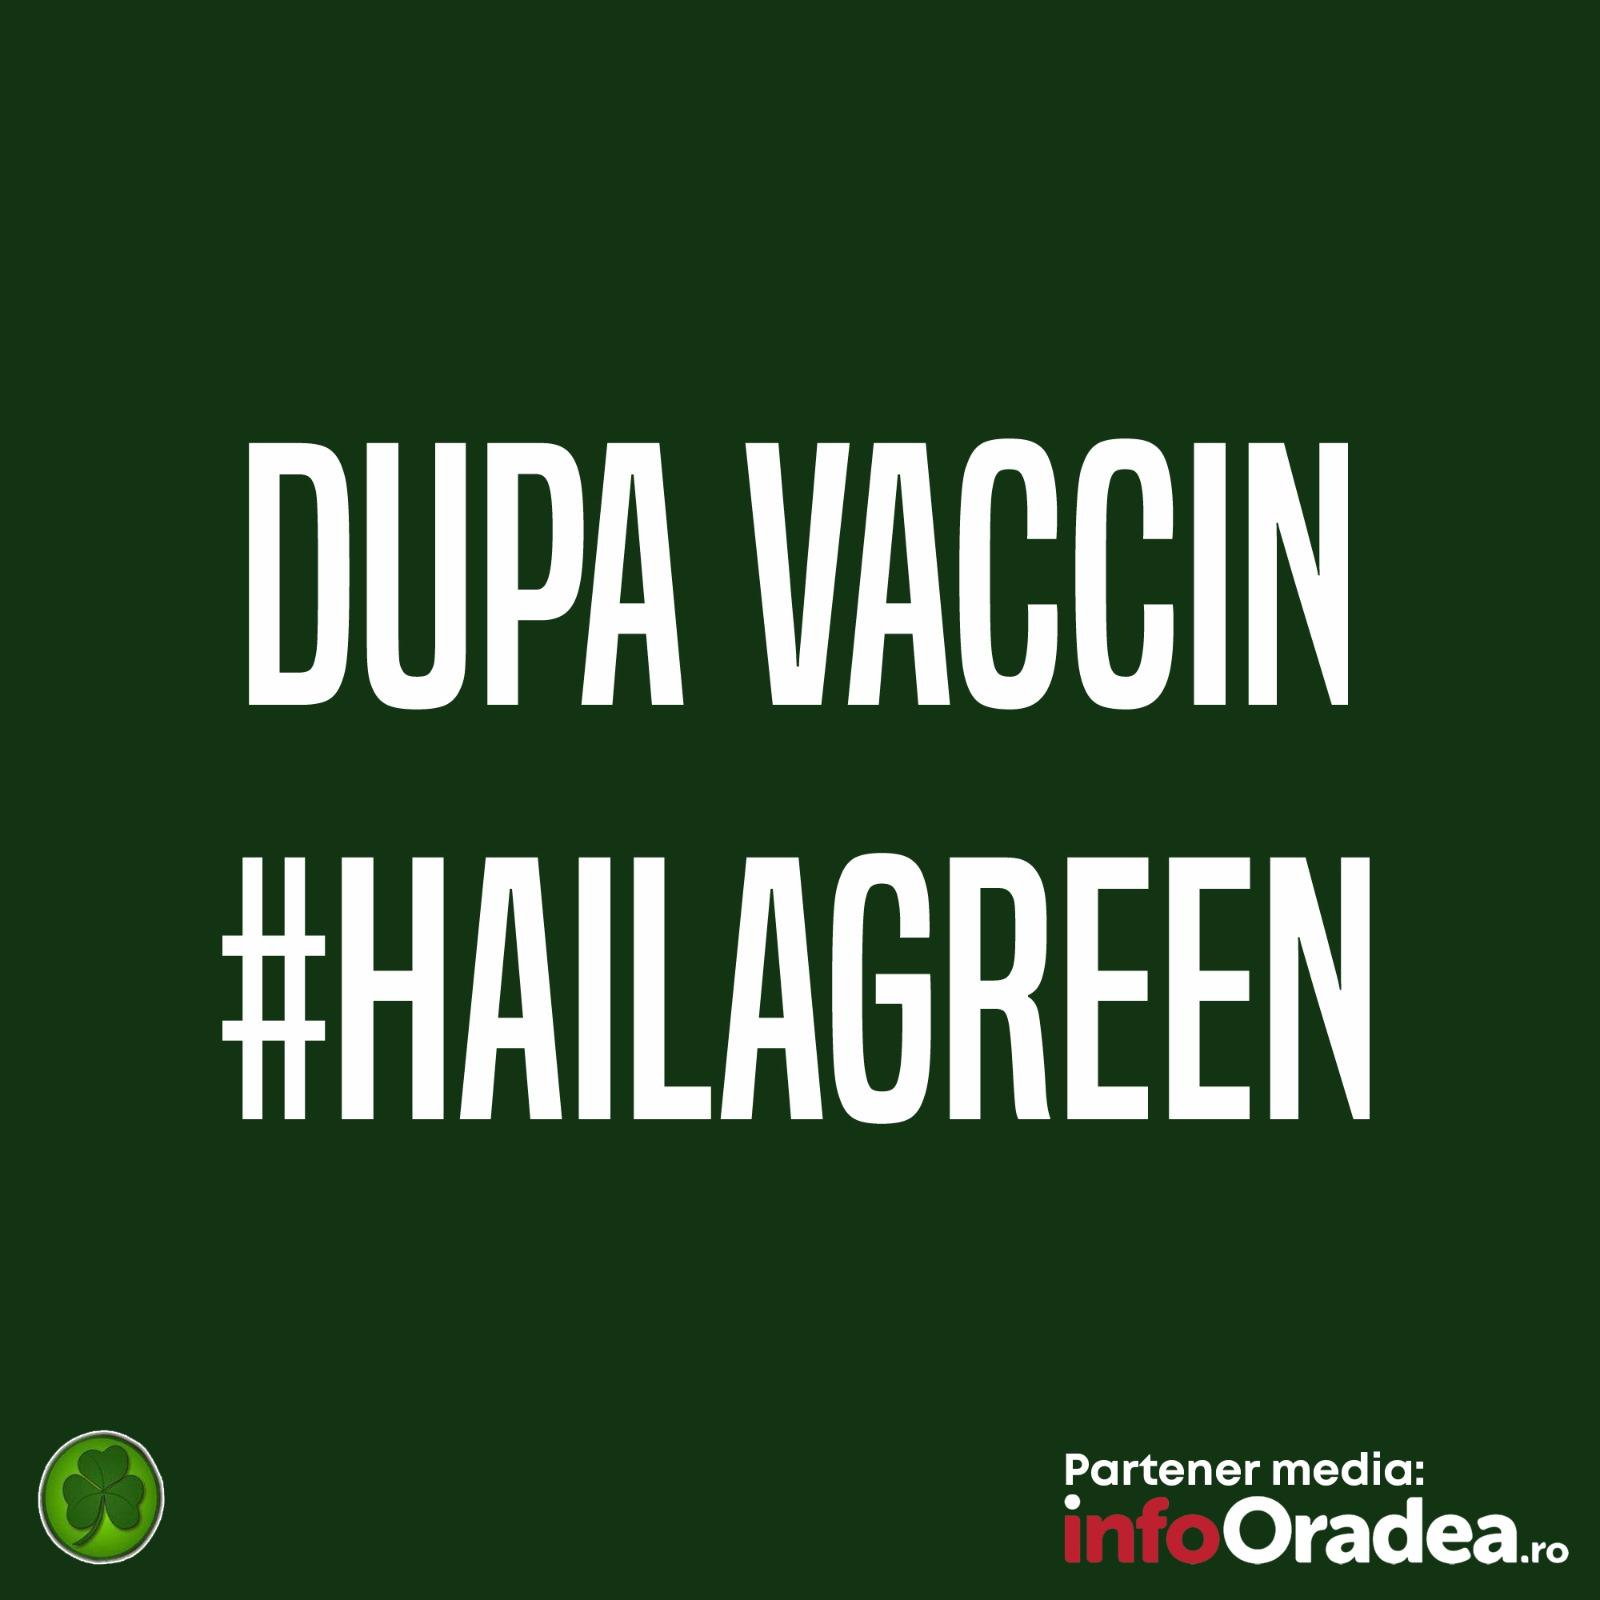 hai la green vaccin